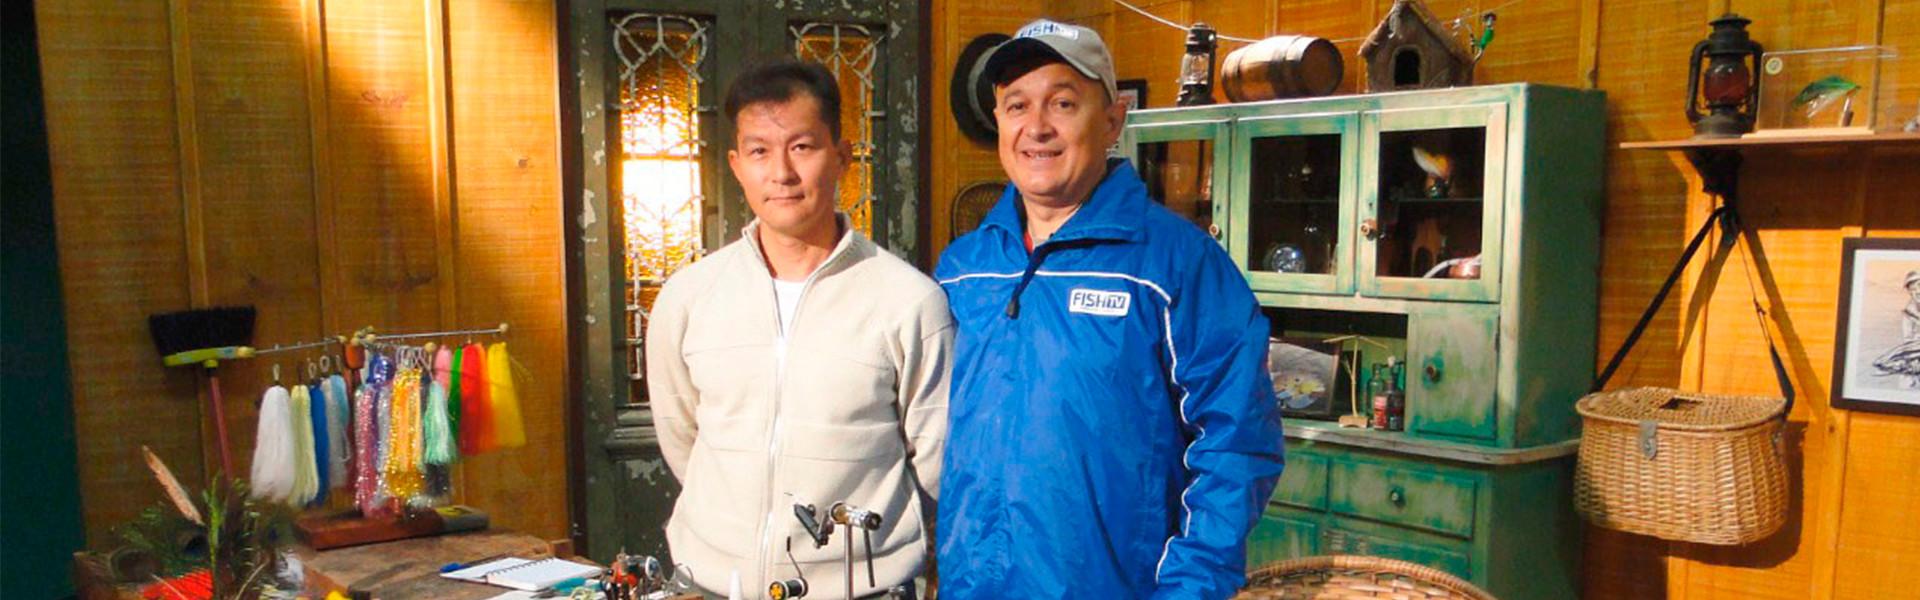 Gerson Kavamoto e Betinho Oliveira: amizade eternizada pela pesca